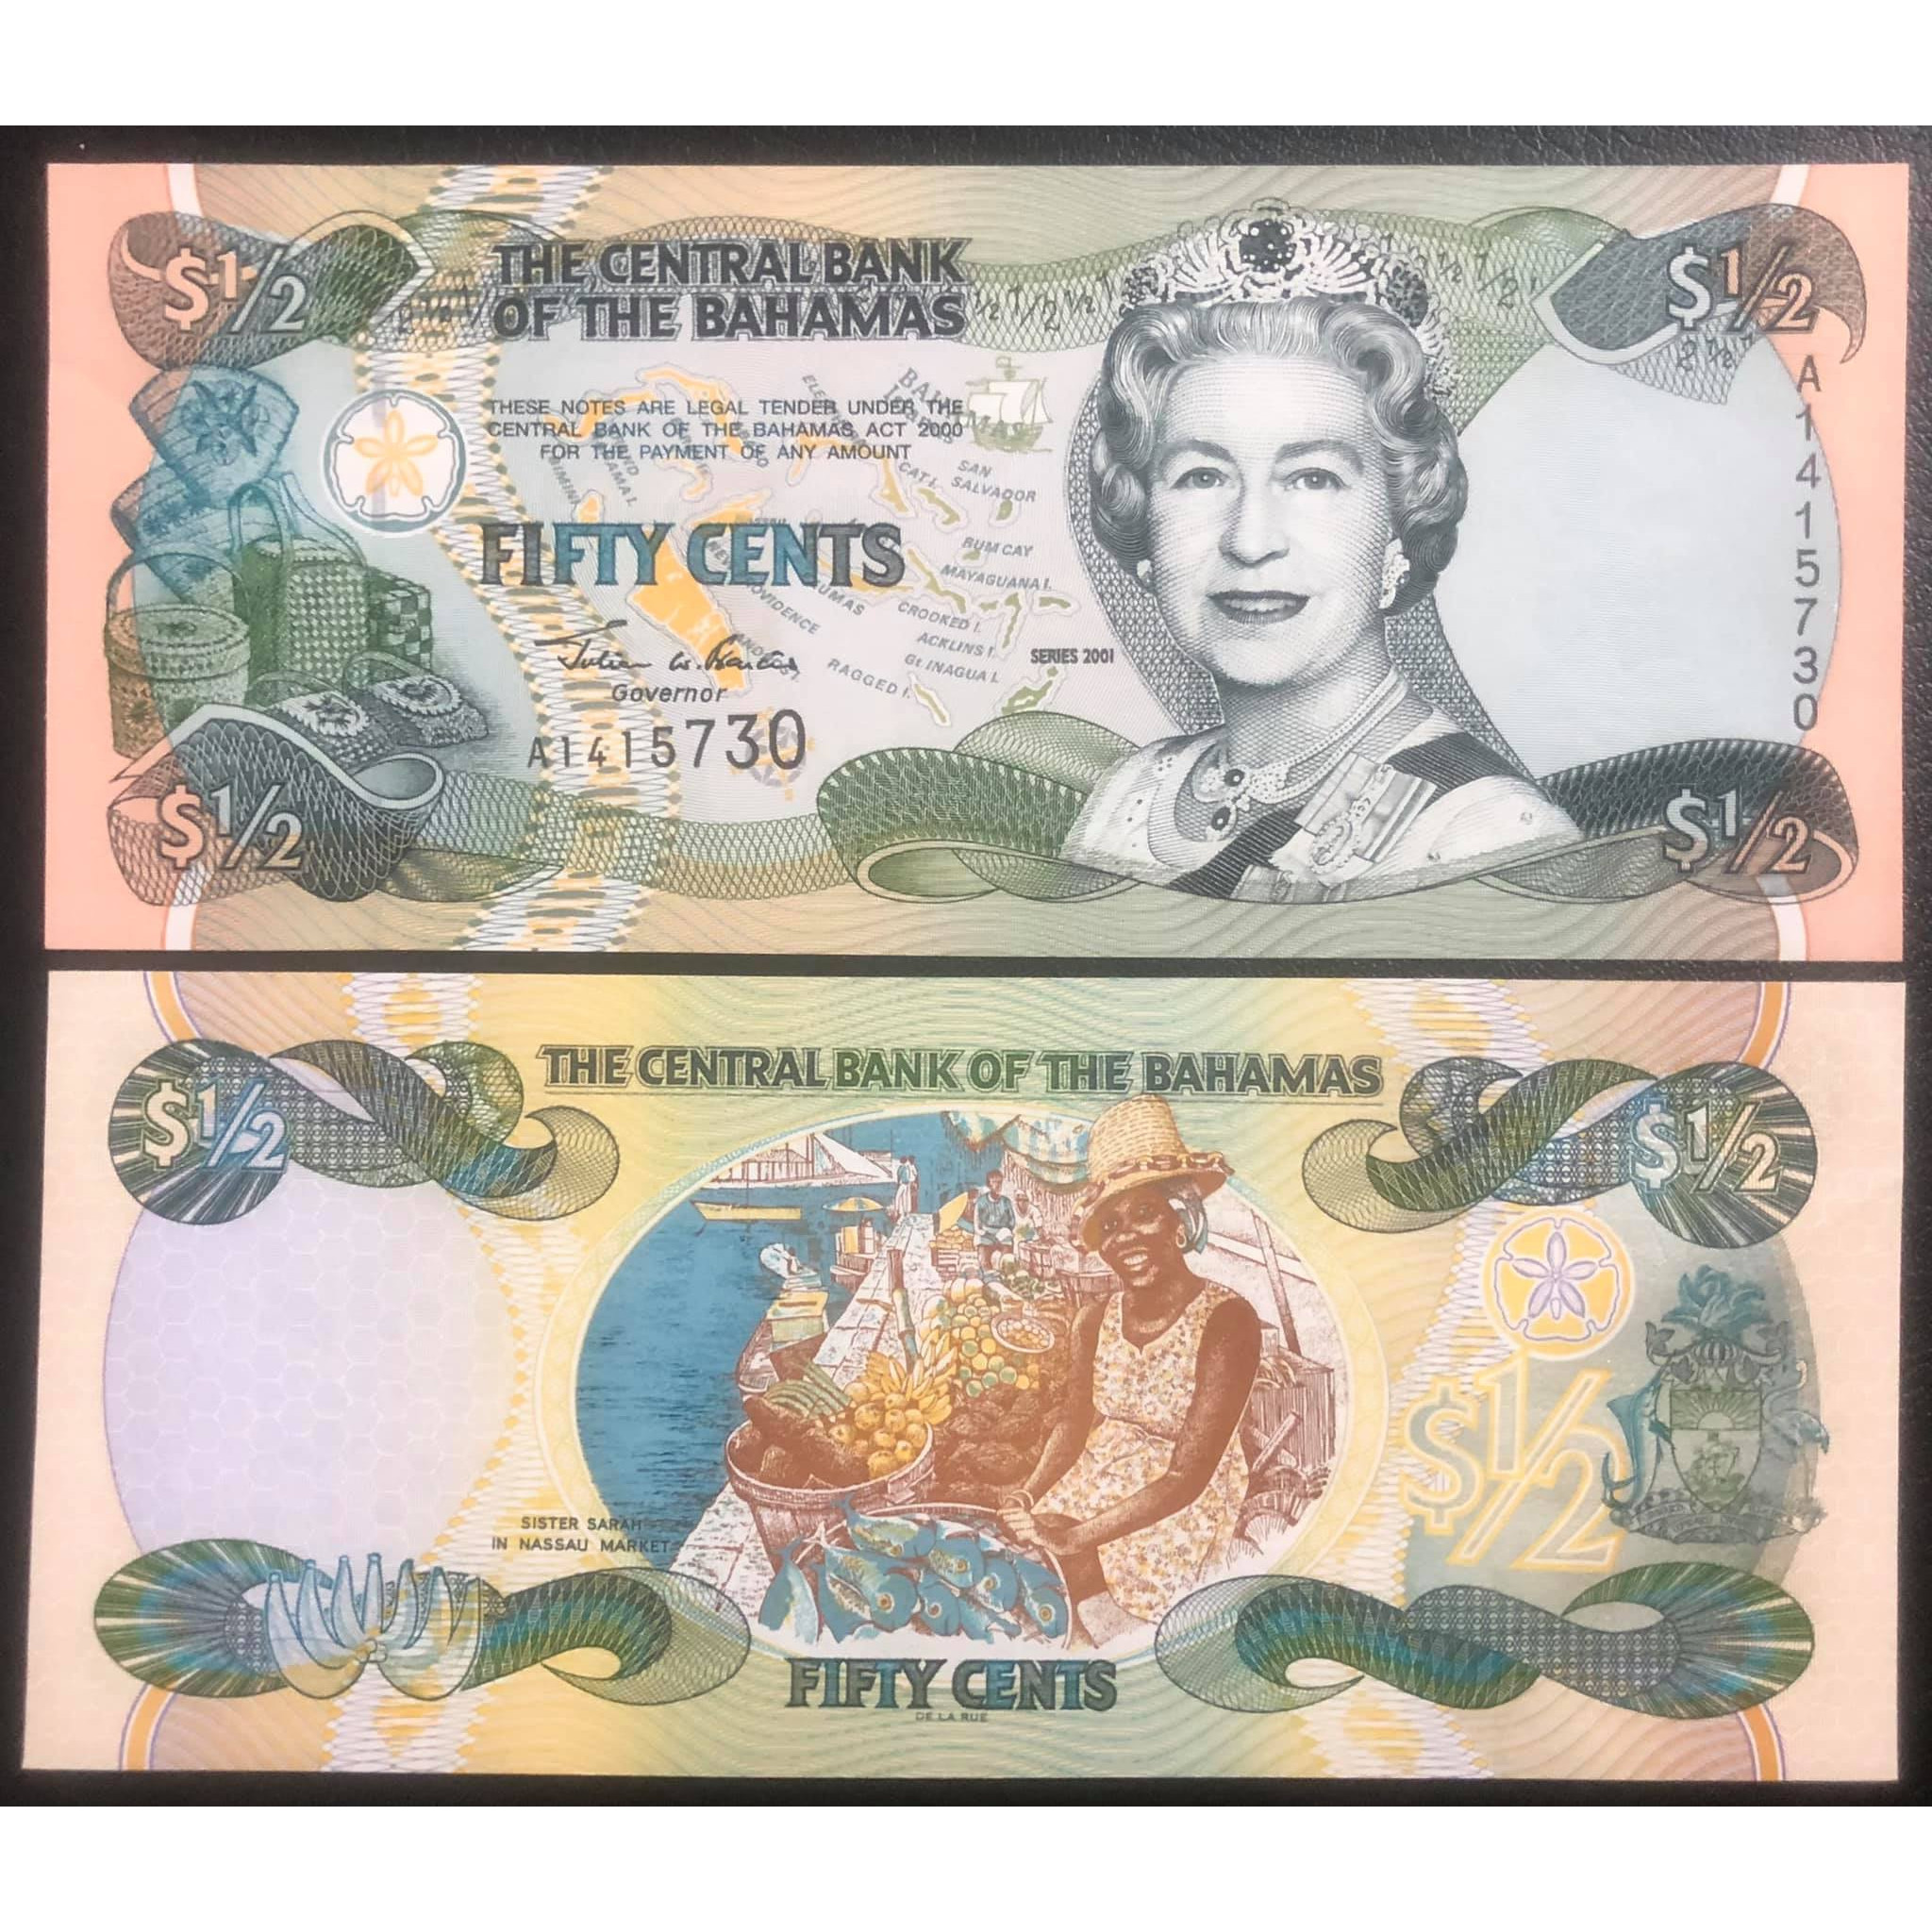 Tiền đảo quốc Bahamas mệnh giá lạ 1/2 dollars, in chân dung Nữ hoàng Elizabeth